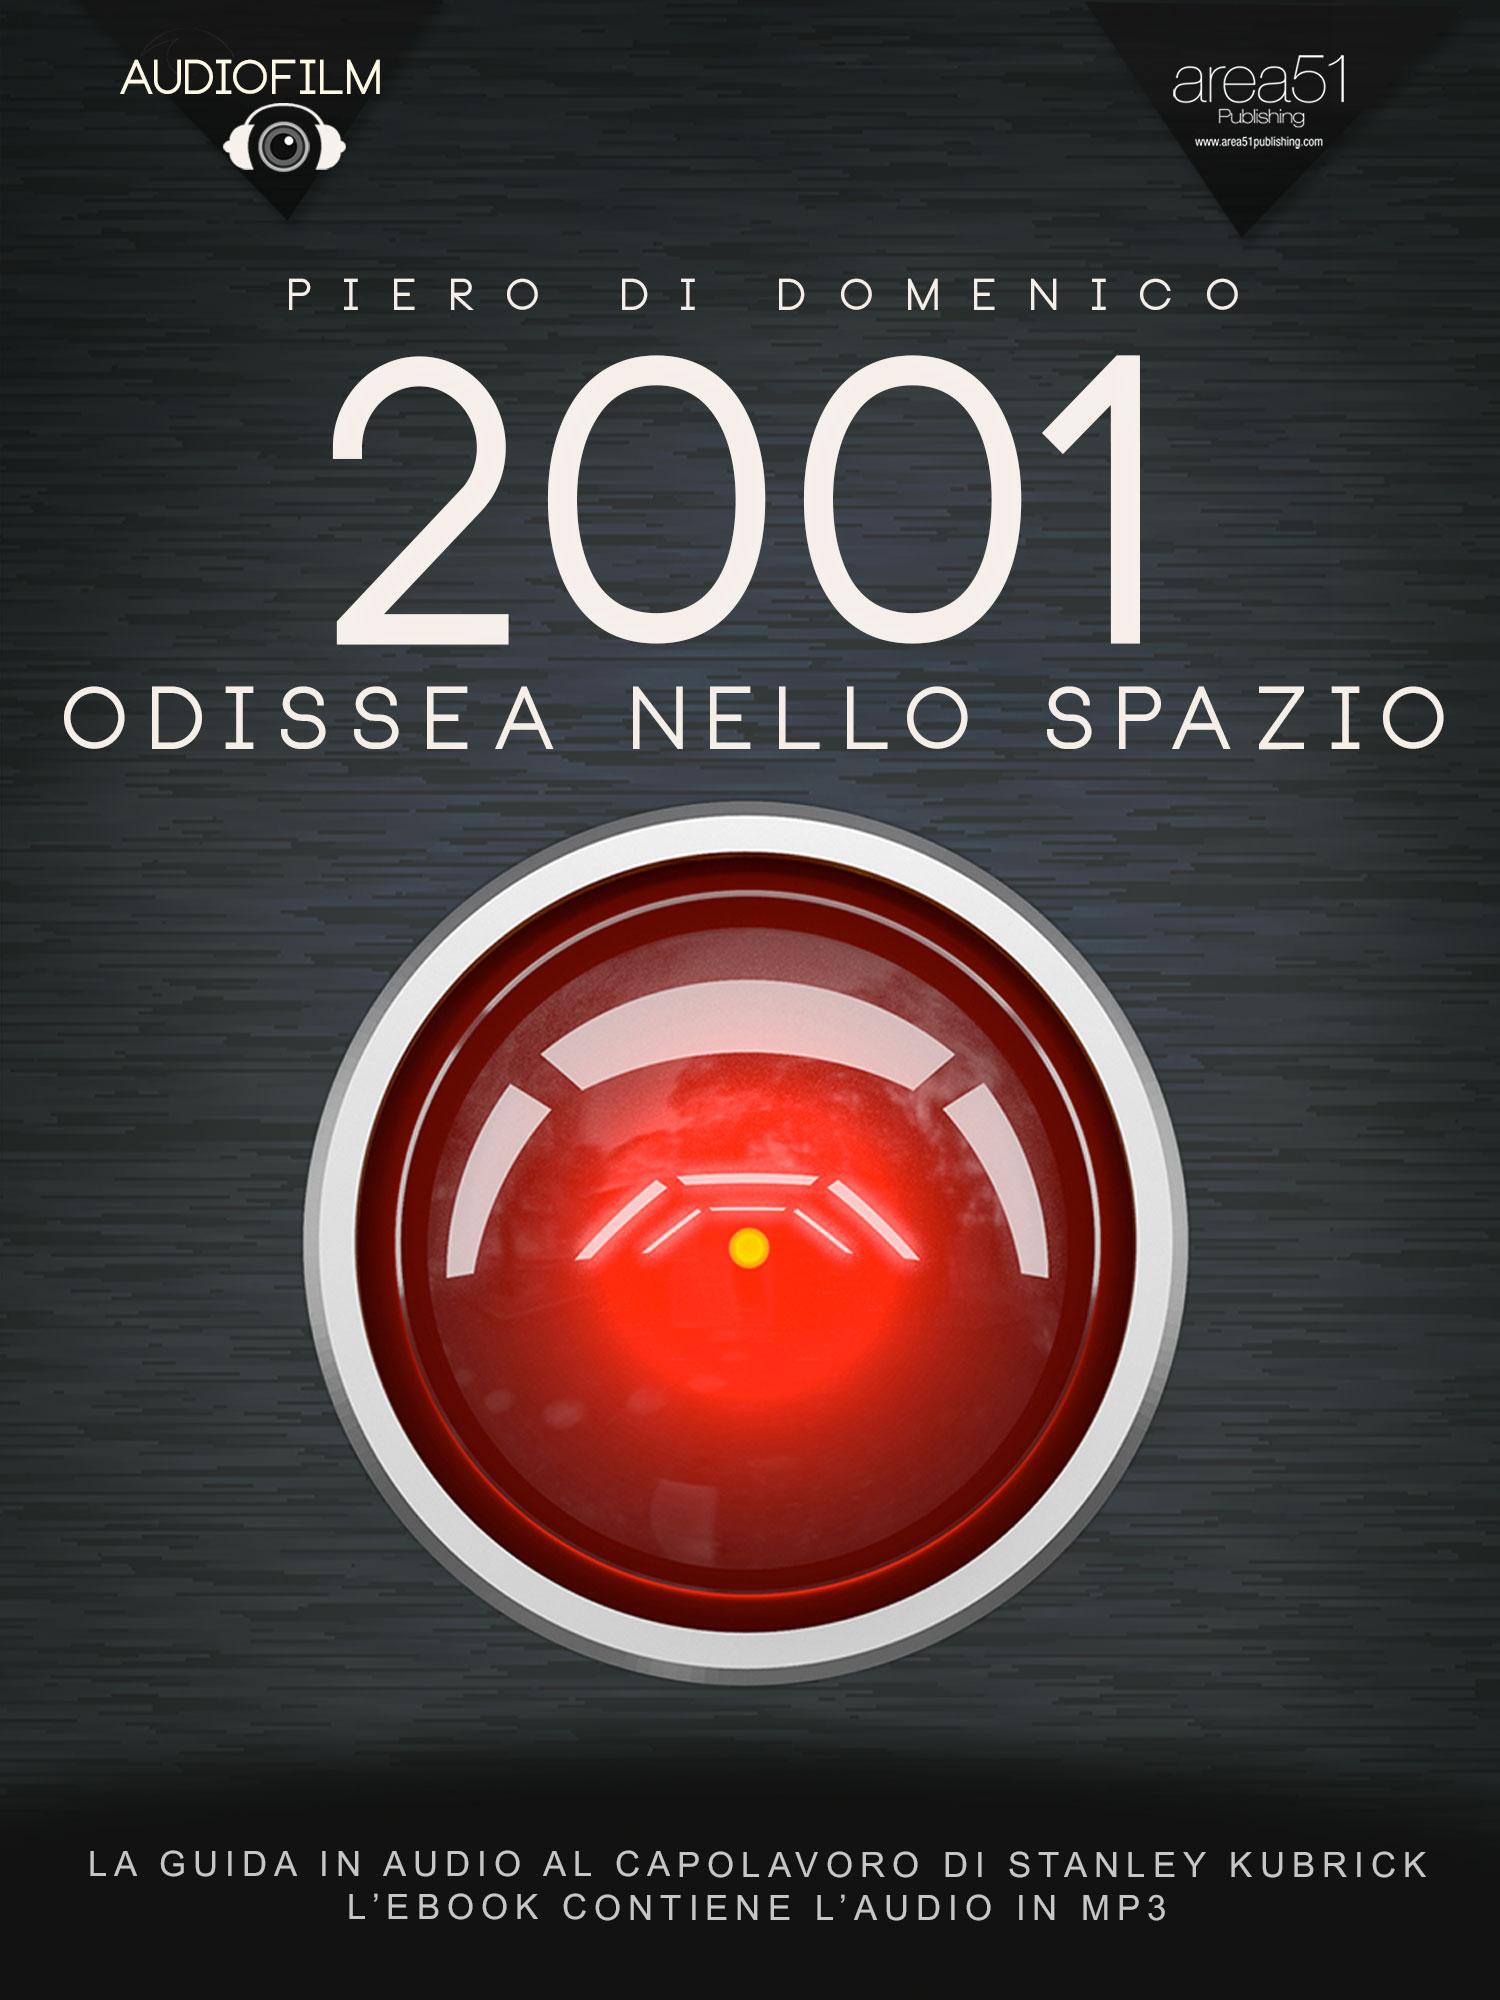 2001 Odissea nello spazio-0